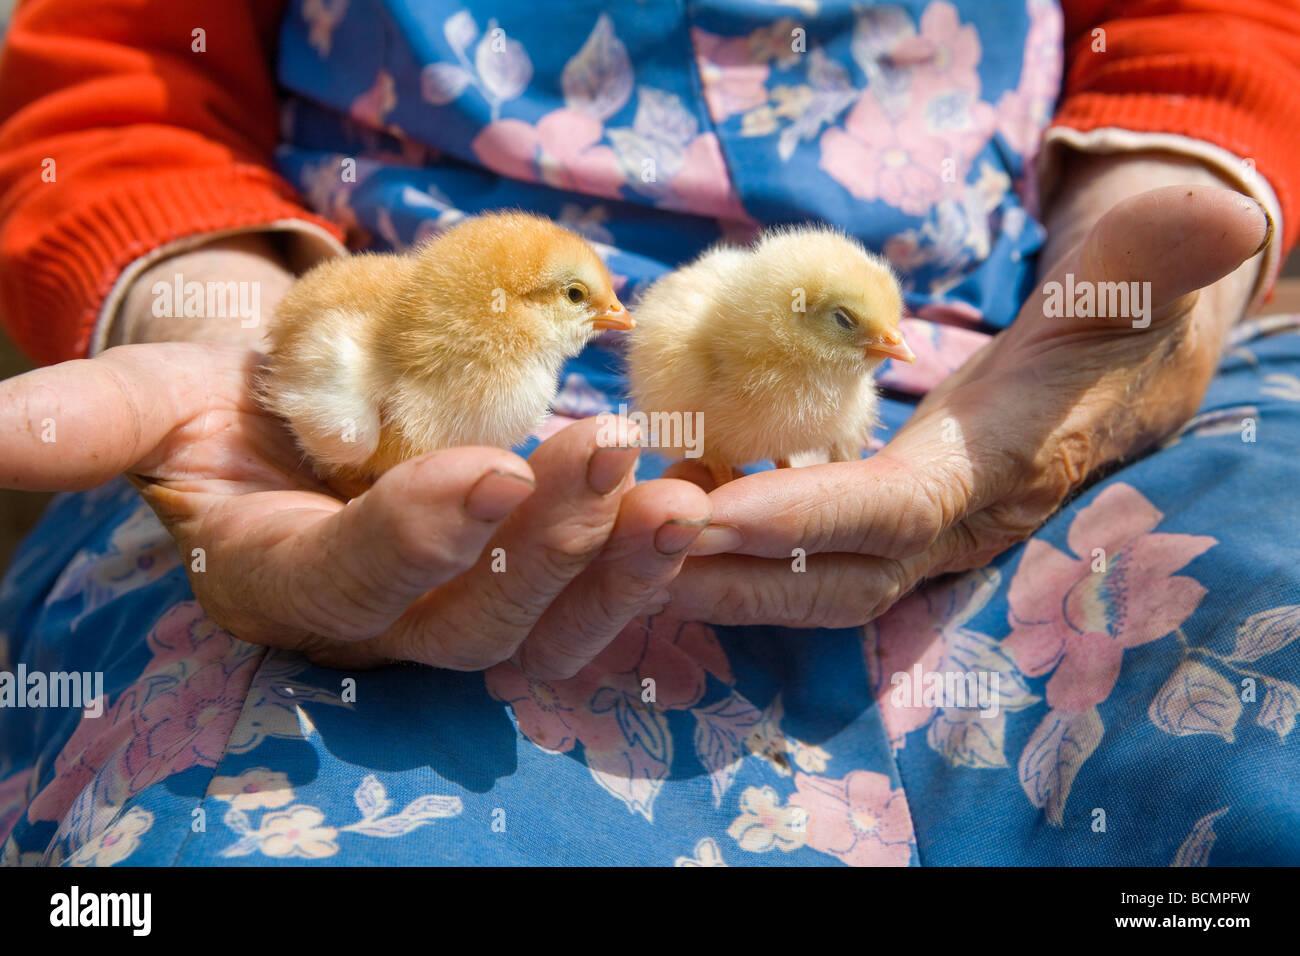 alte Bäuerin Huhn in ihren faltigen Händen hält Stockfoto